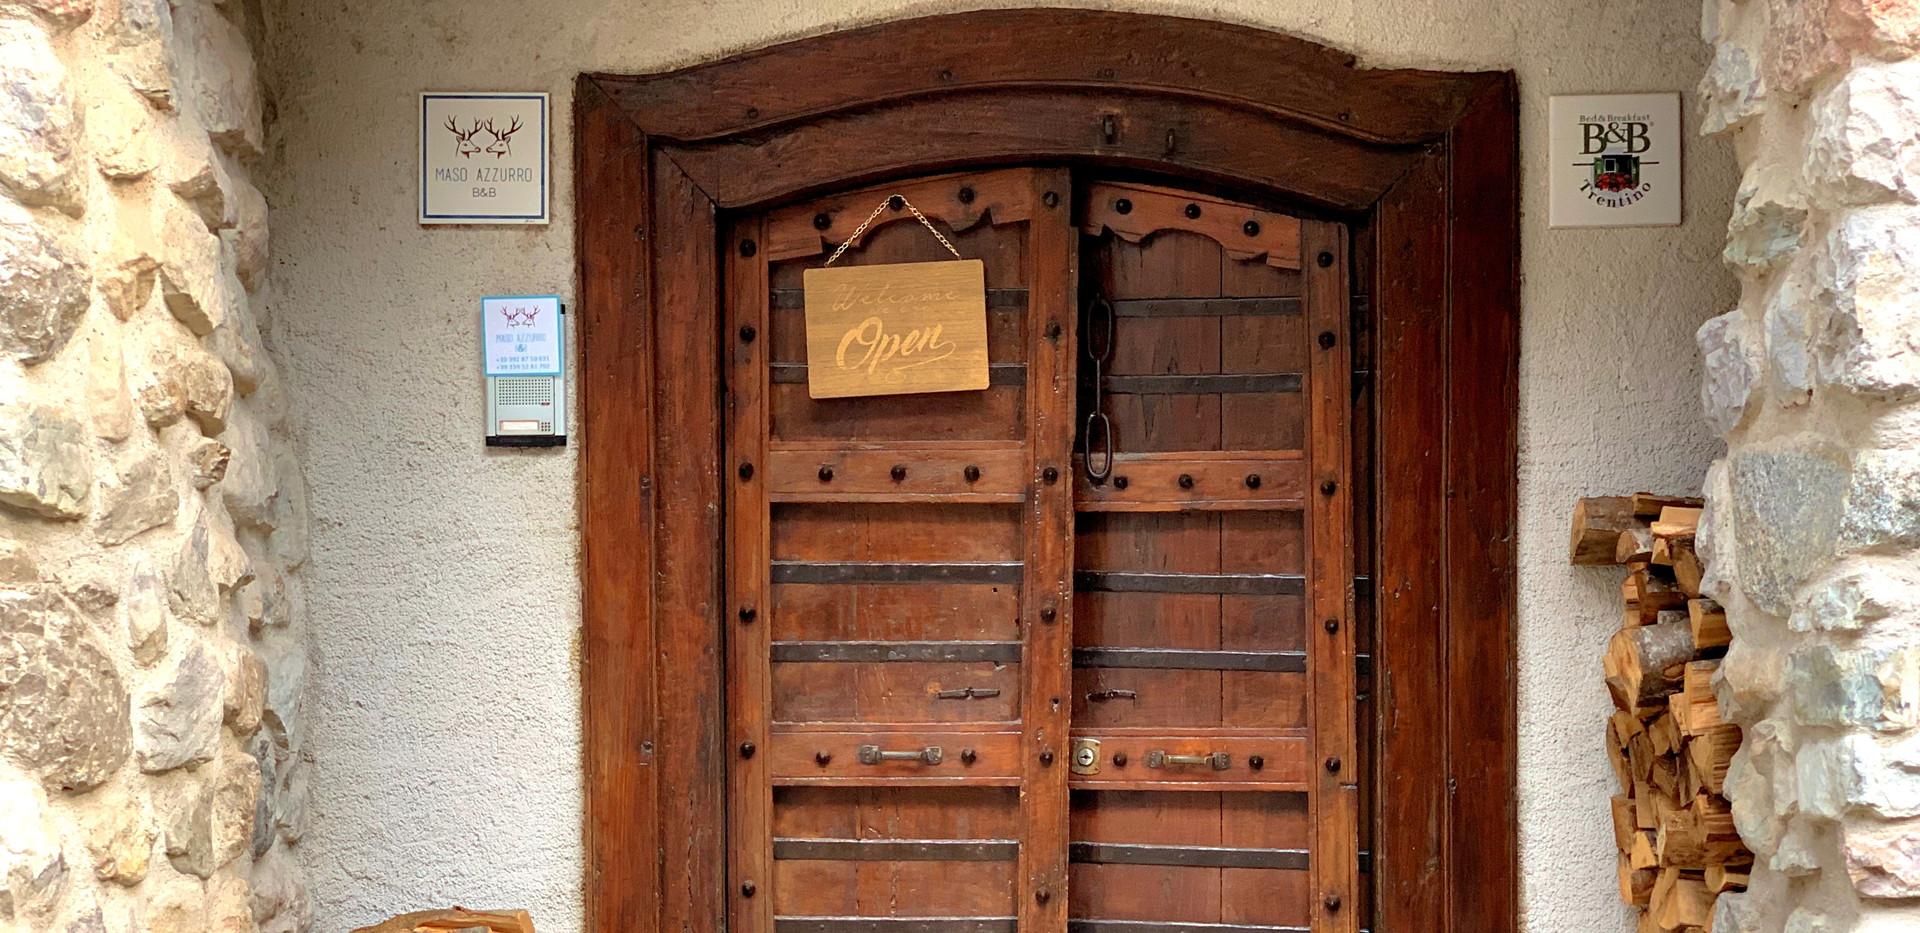 Maso Azzurro Trentino B&B Dolomiti Brent